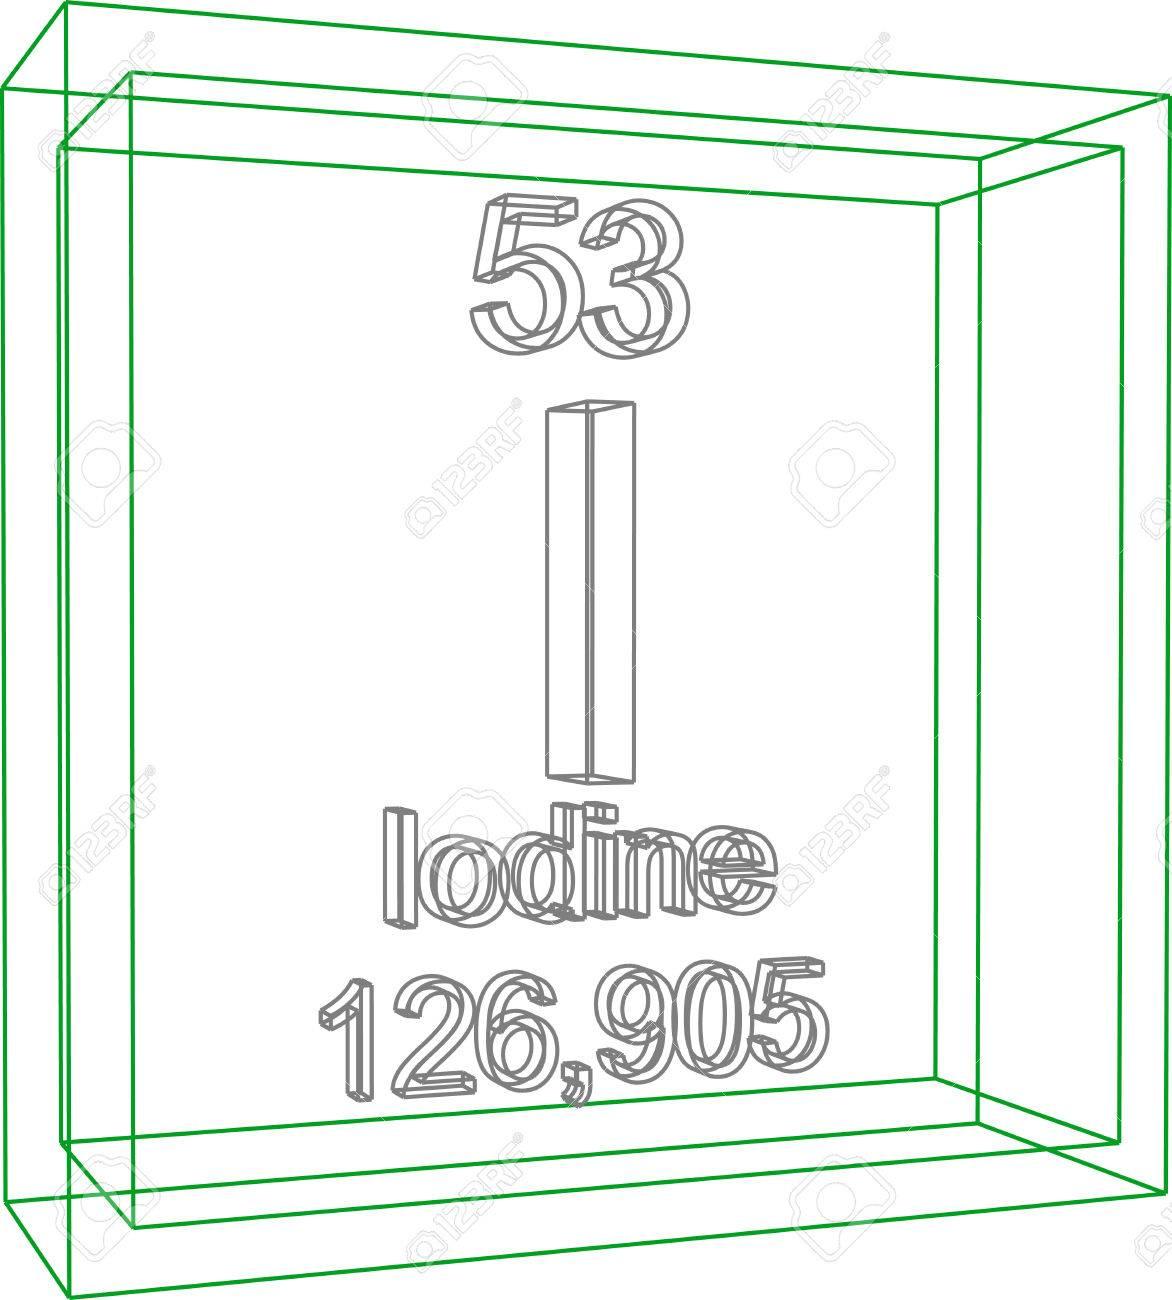 Tabla peridica de los elementos yodo ilustraciones vectoriales foto de archivo tabla peridica de los elementos yodo urtaz Image collections